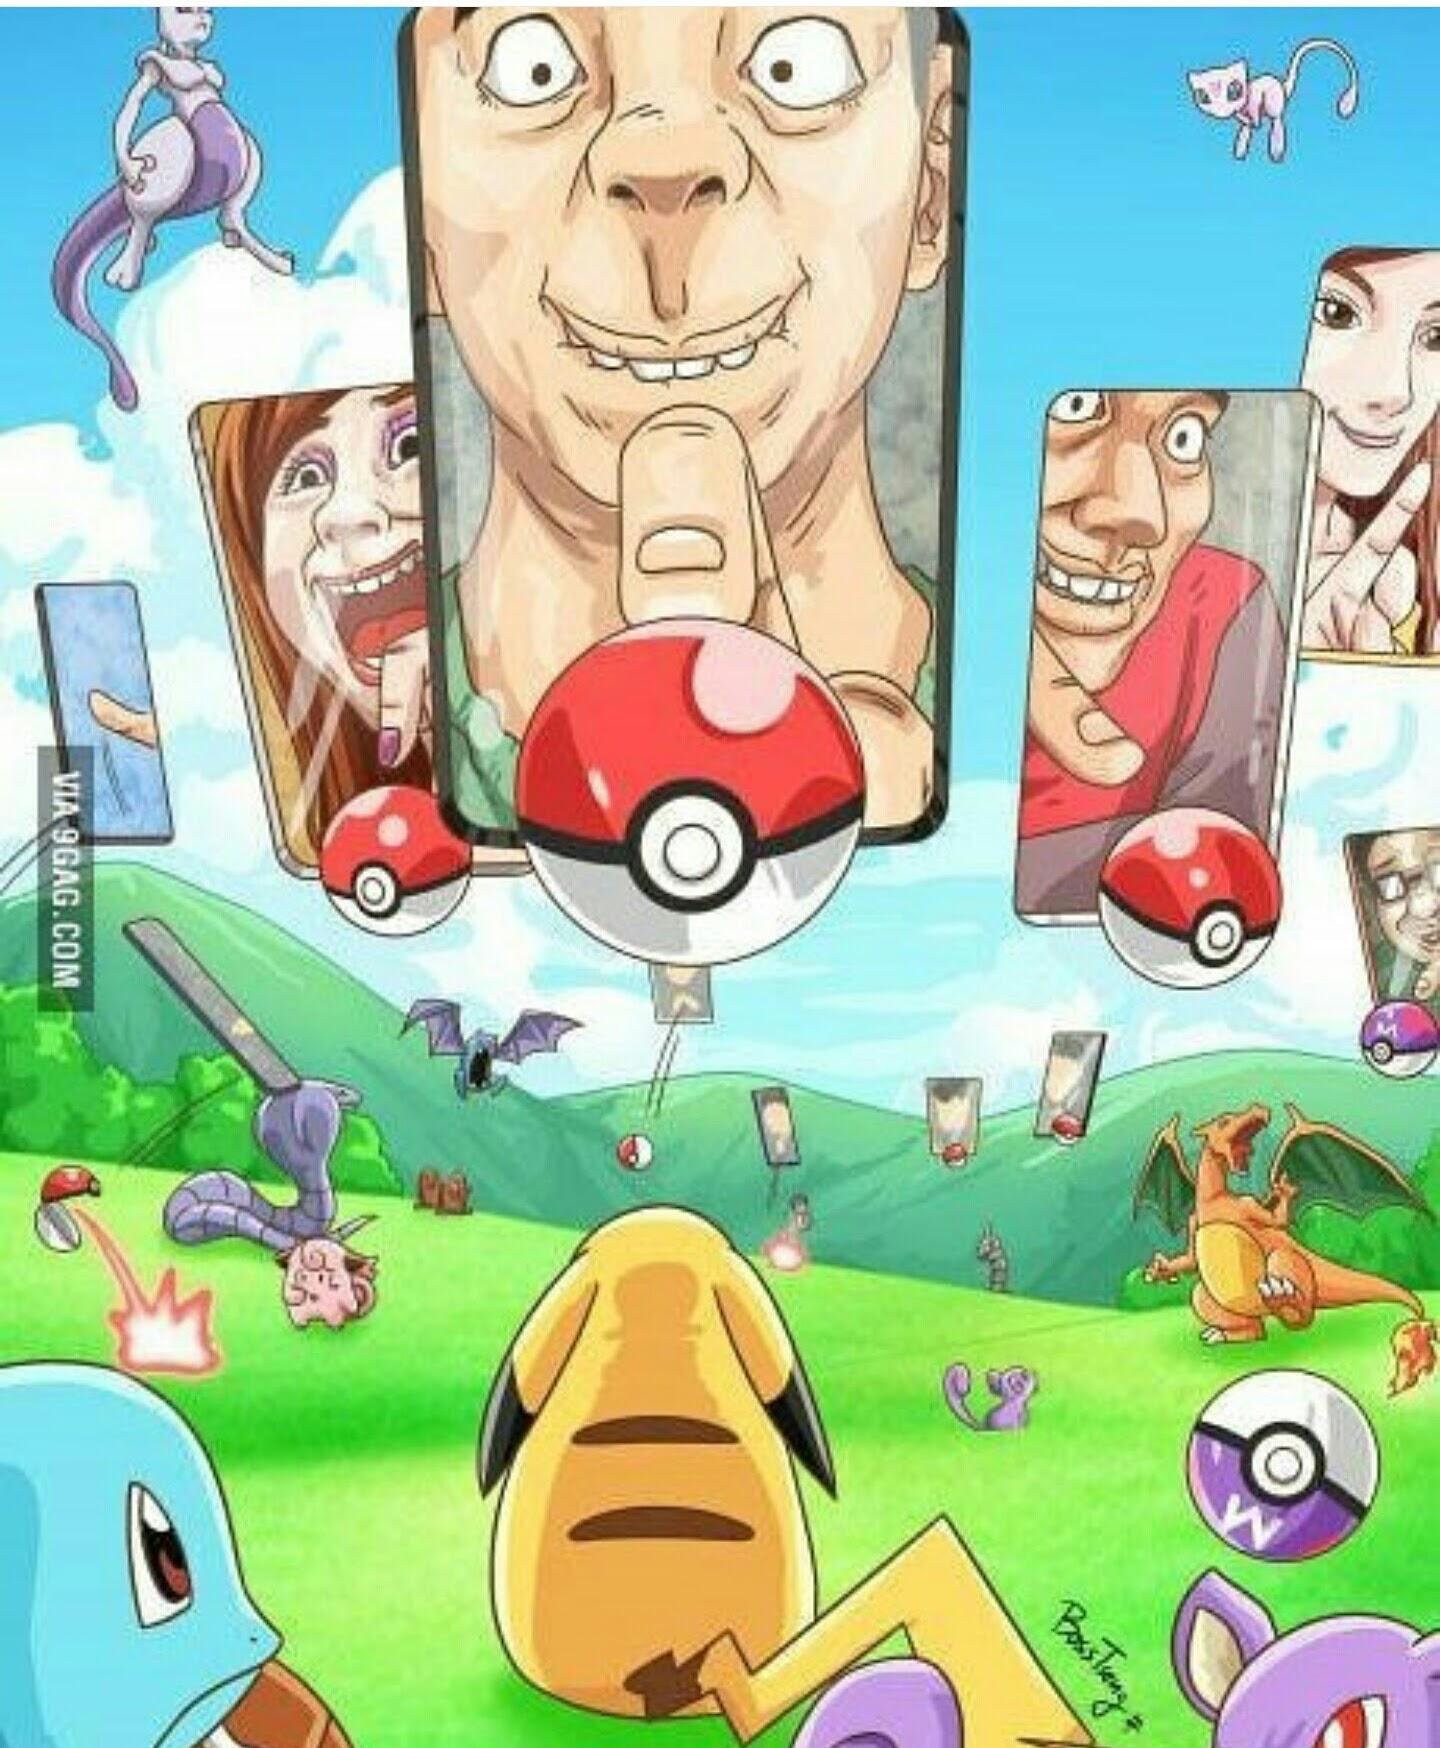 Pokemon Go update 2 New pokemons coming soon   COSGAMER Blog